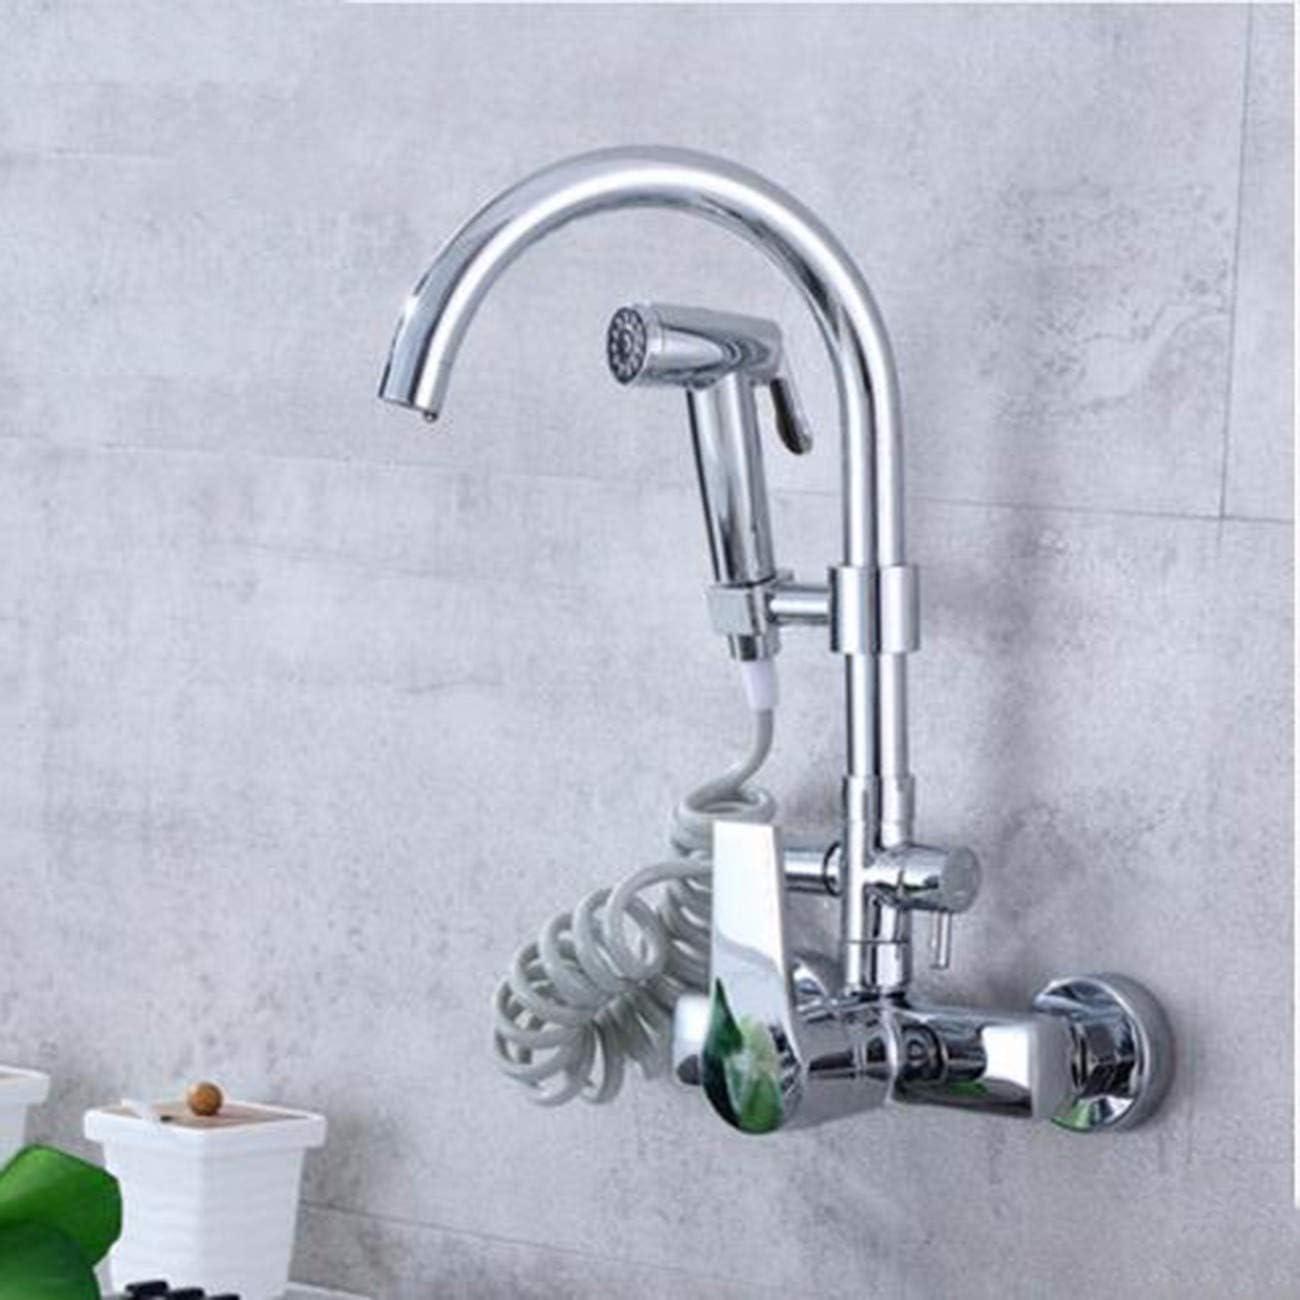 JFBZS-robinet Robinet de Cuisine Mural monotrou Trou Double Pistolet de pulv/érisation Multifonction